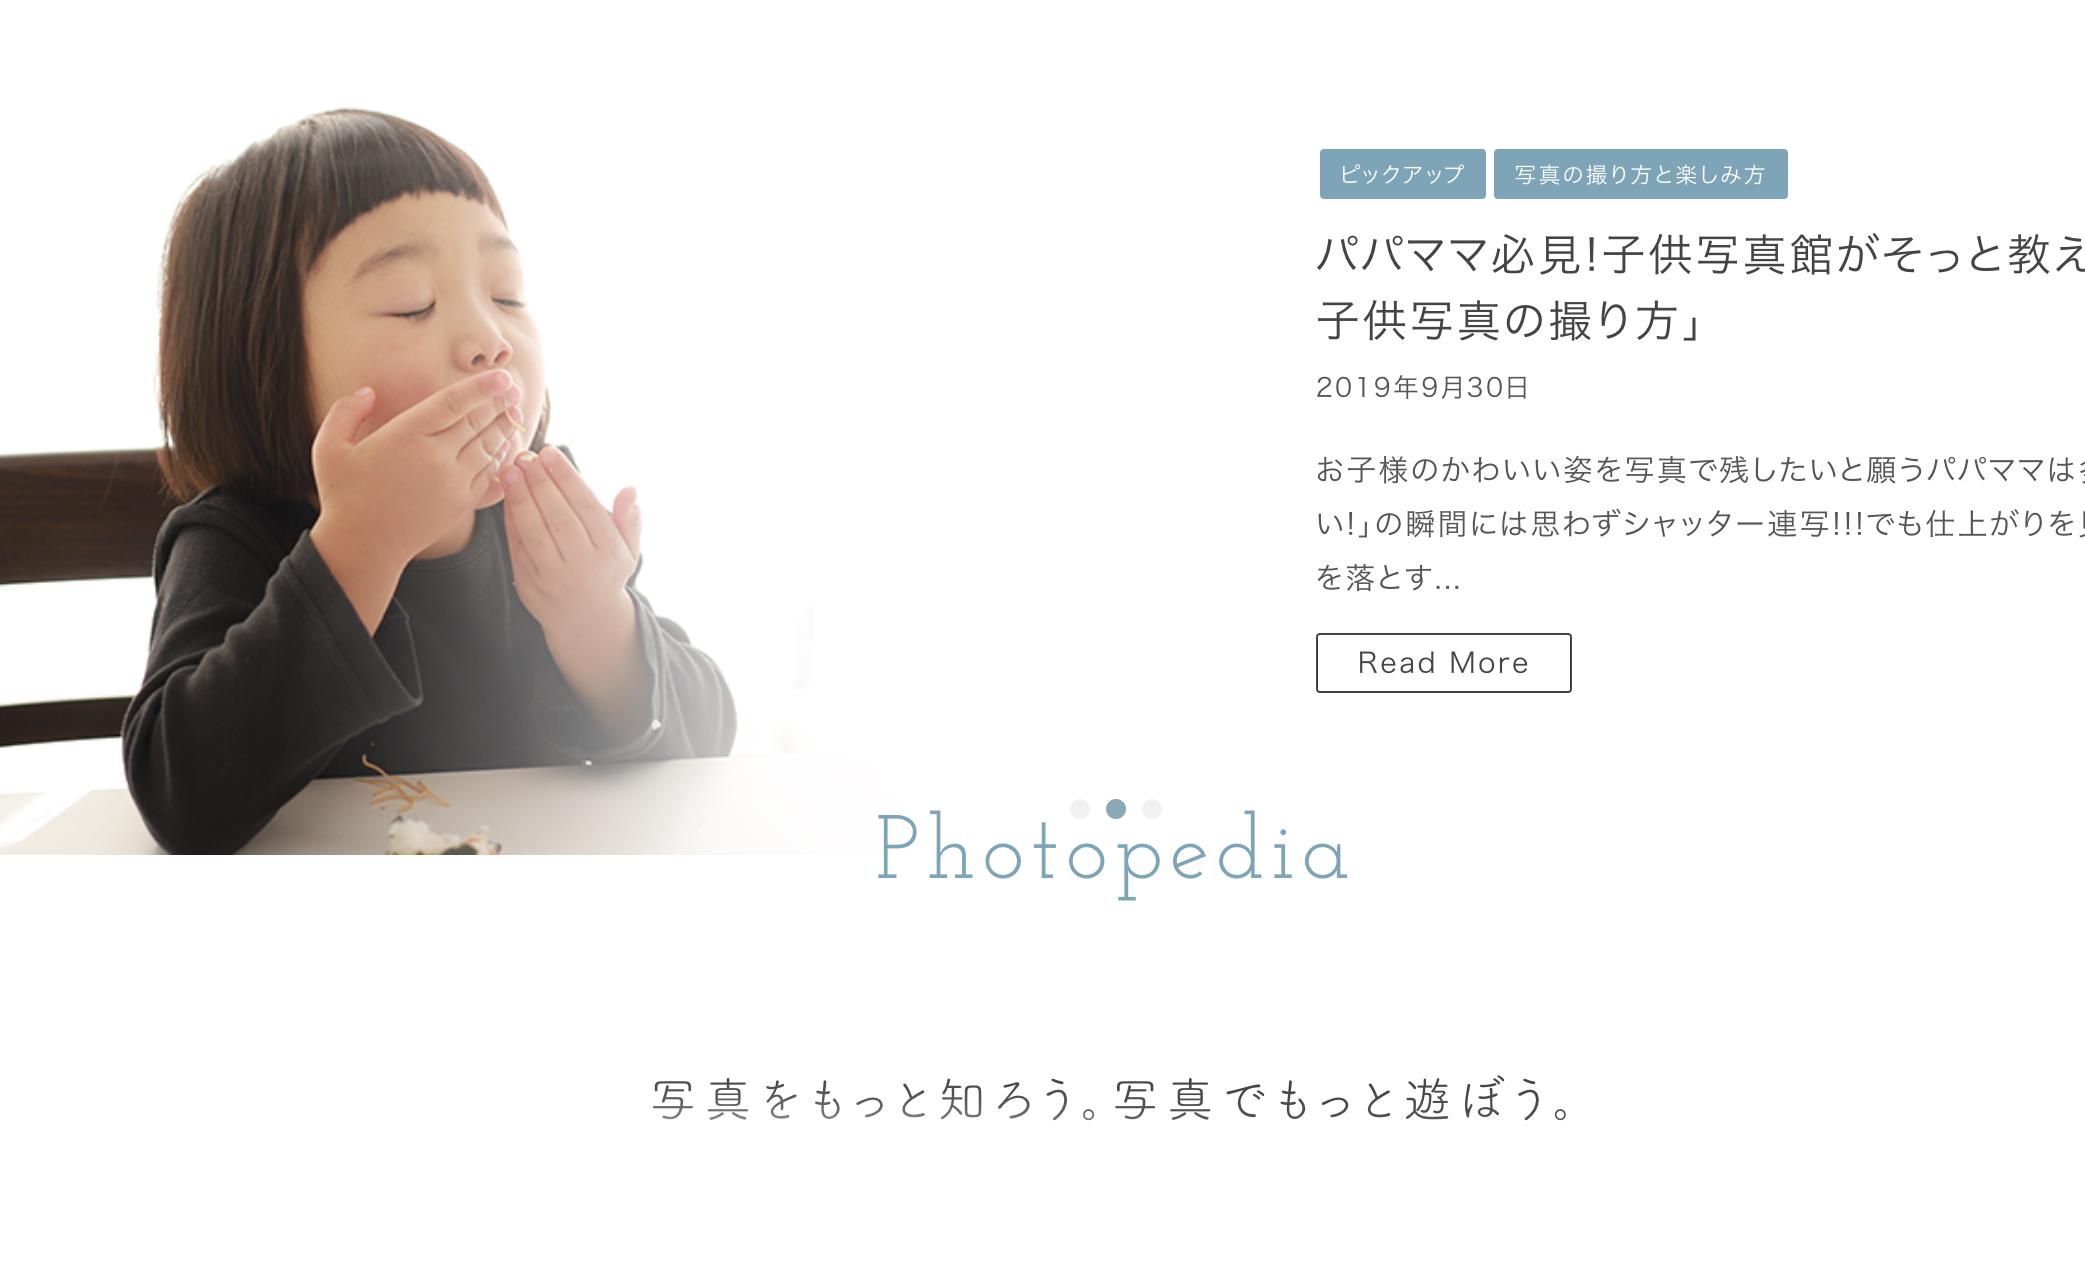 写真やスタジオに関する知恵袋『Photopedia(フォトペディア)』をサイトメニューに新設!